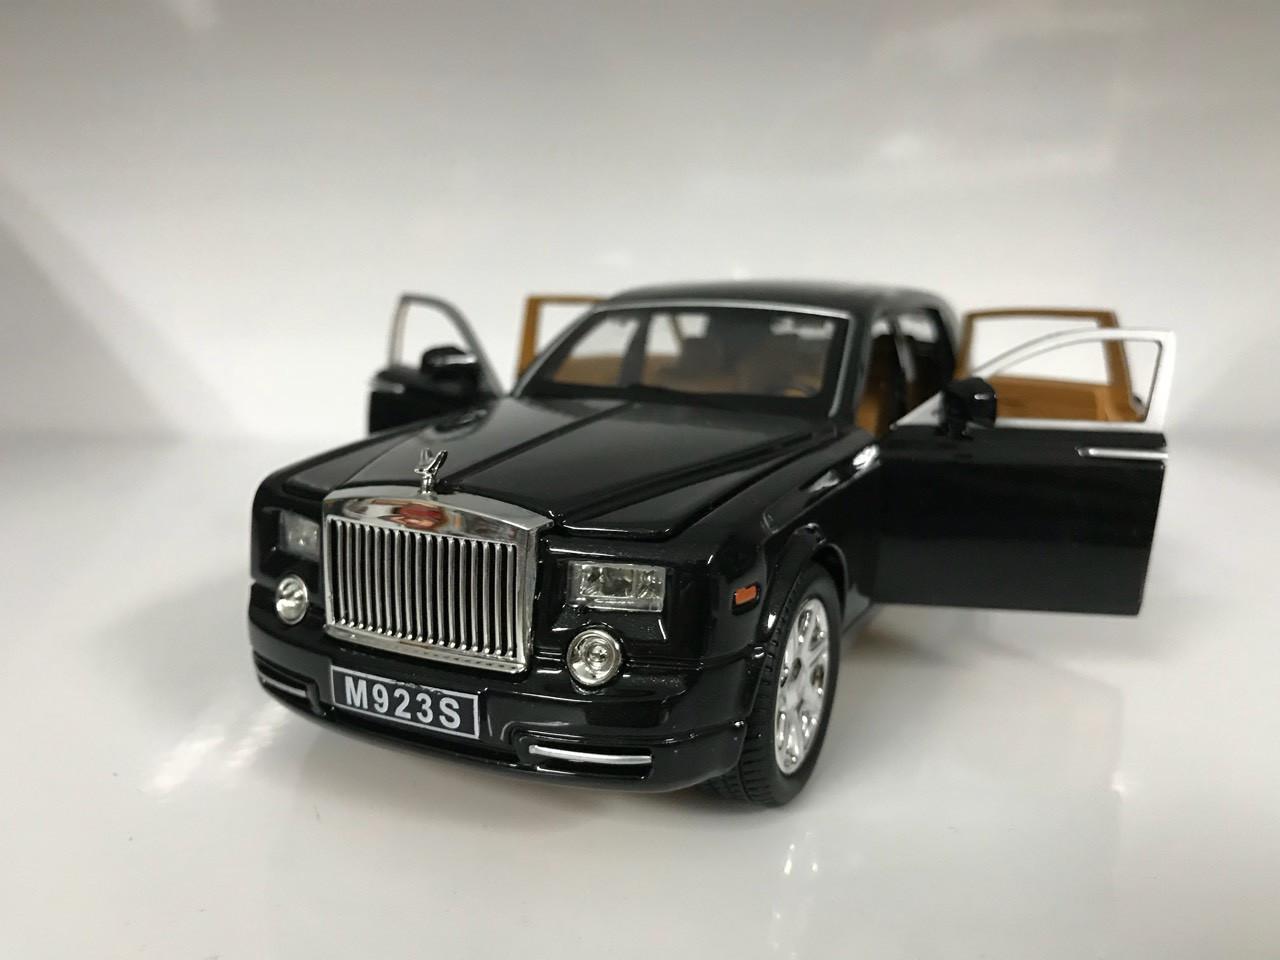 Коллекционная машинка Rolls Royce Phantom металл 1:24